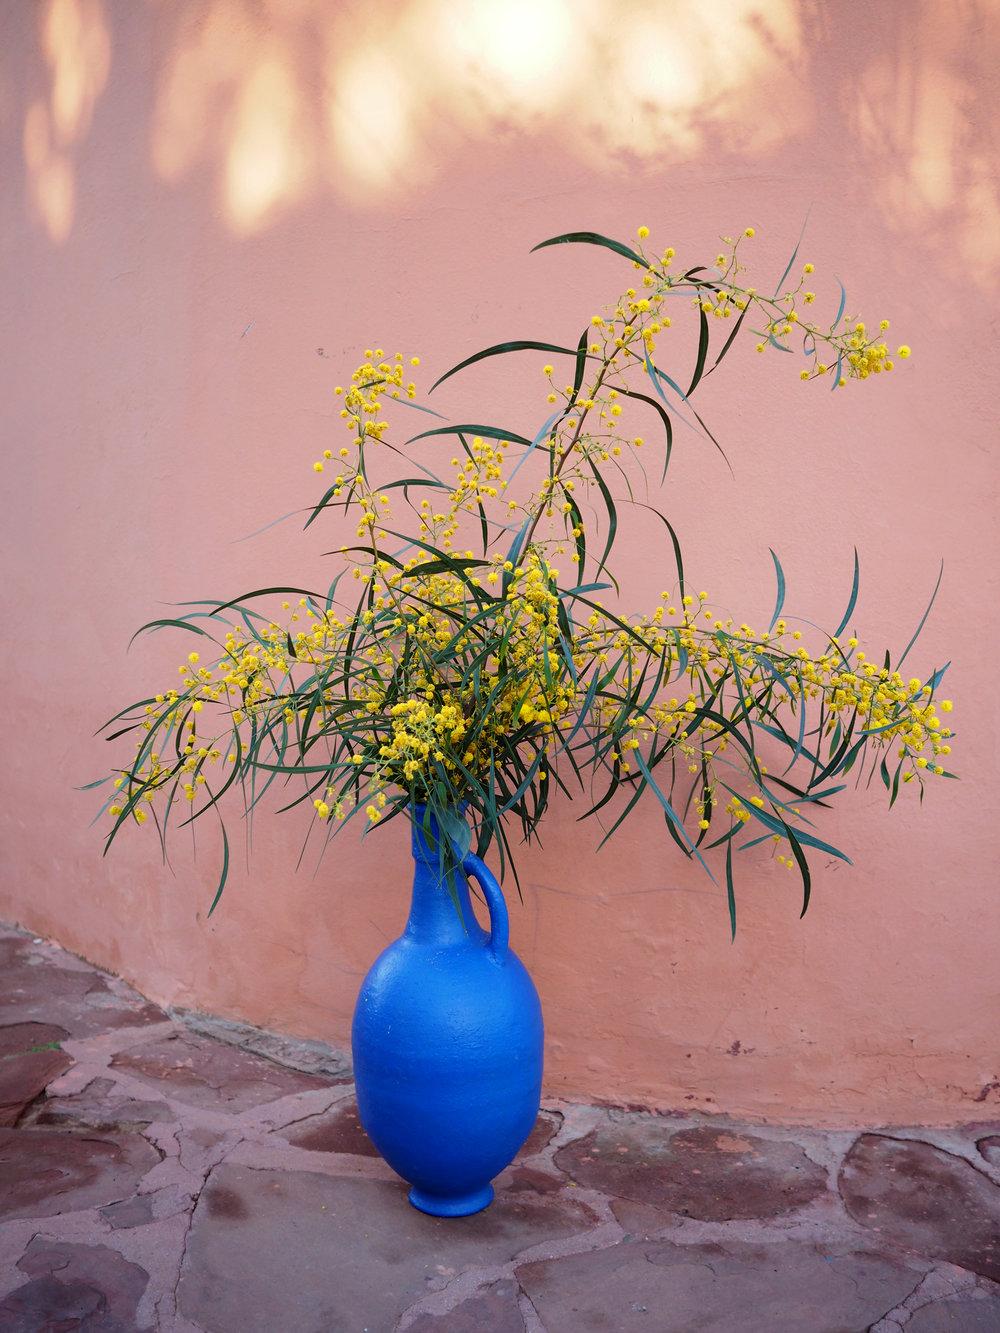 Beautiful Mimosa flowers